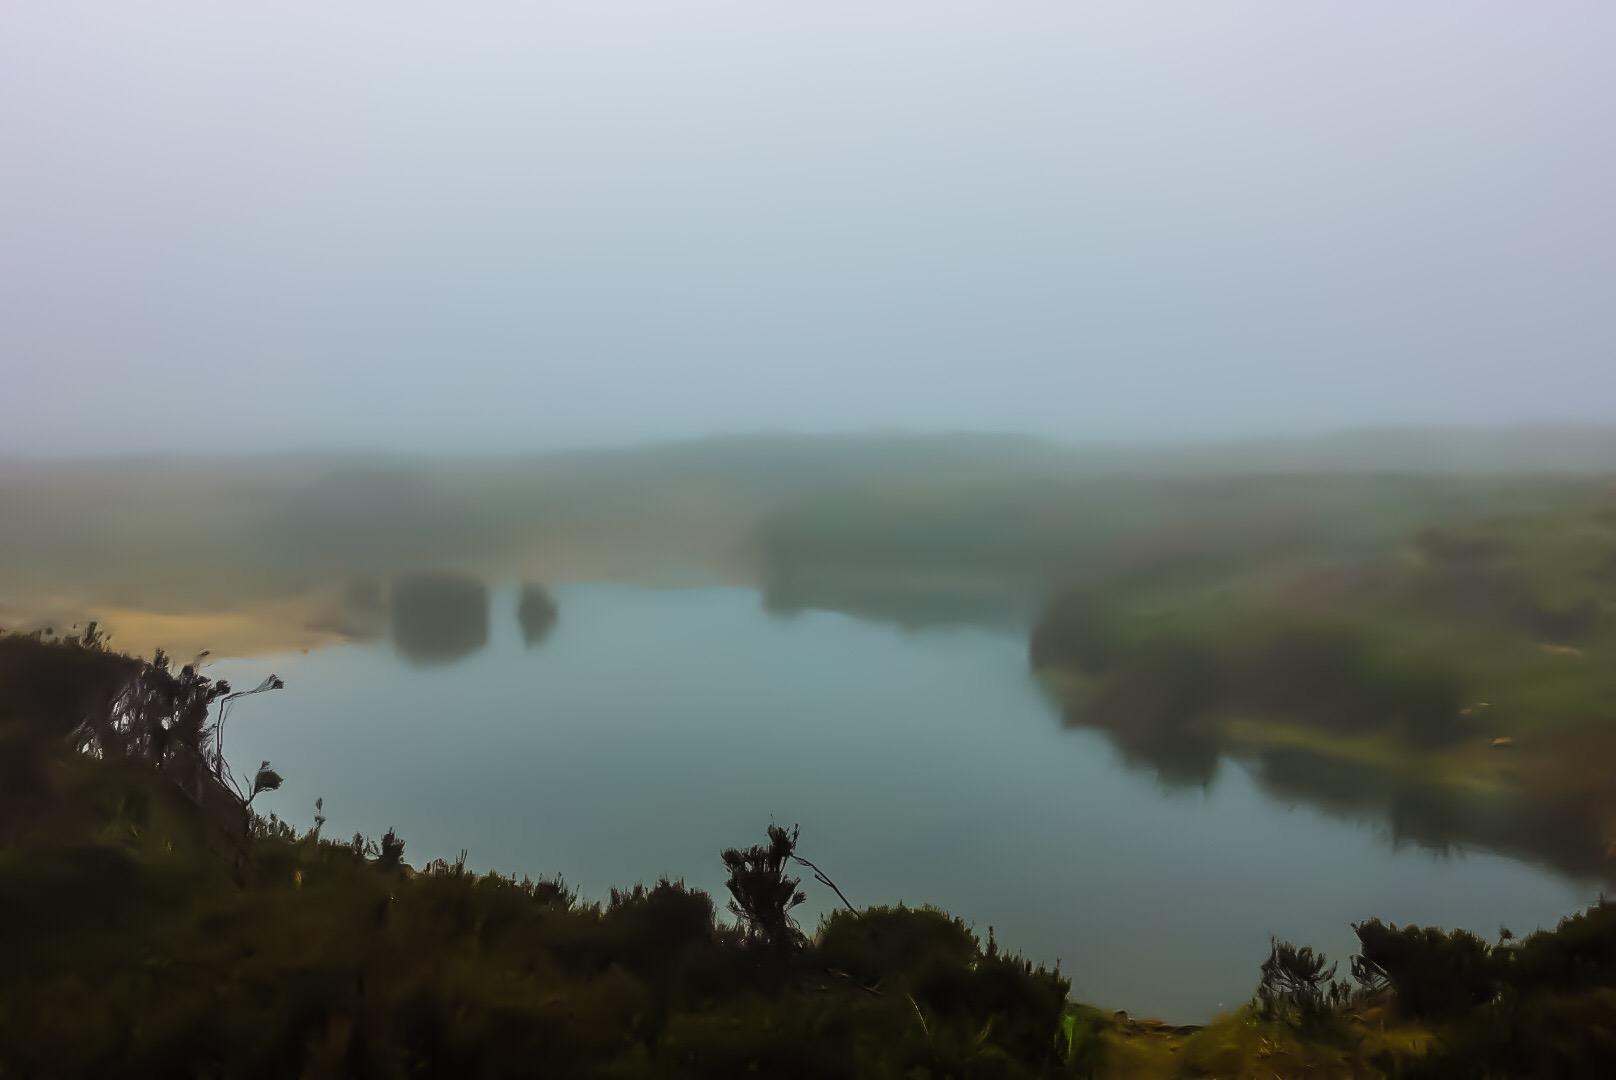 Tarn in Fog